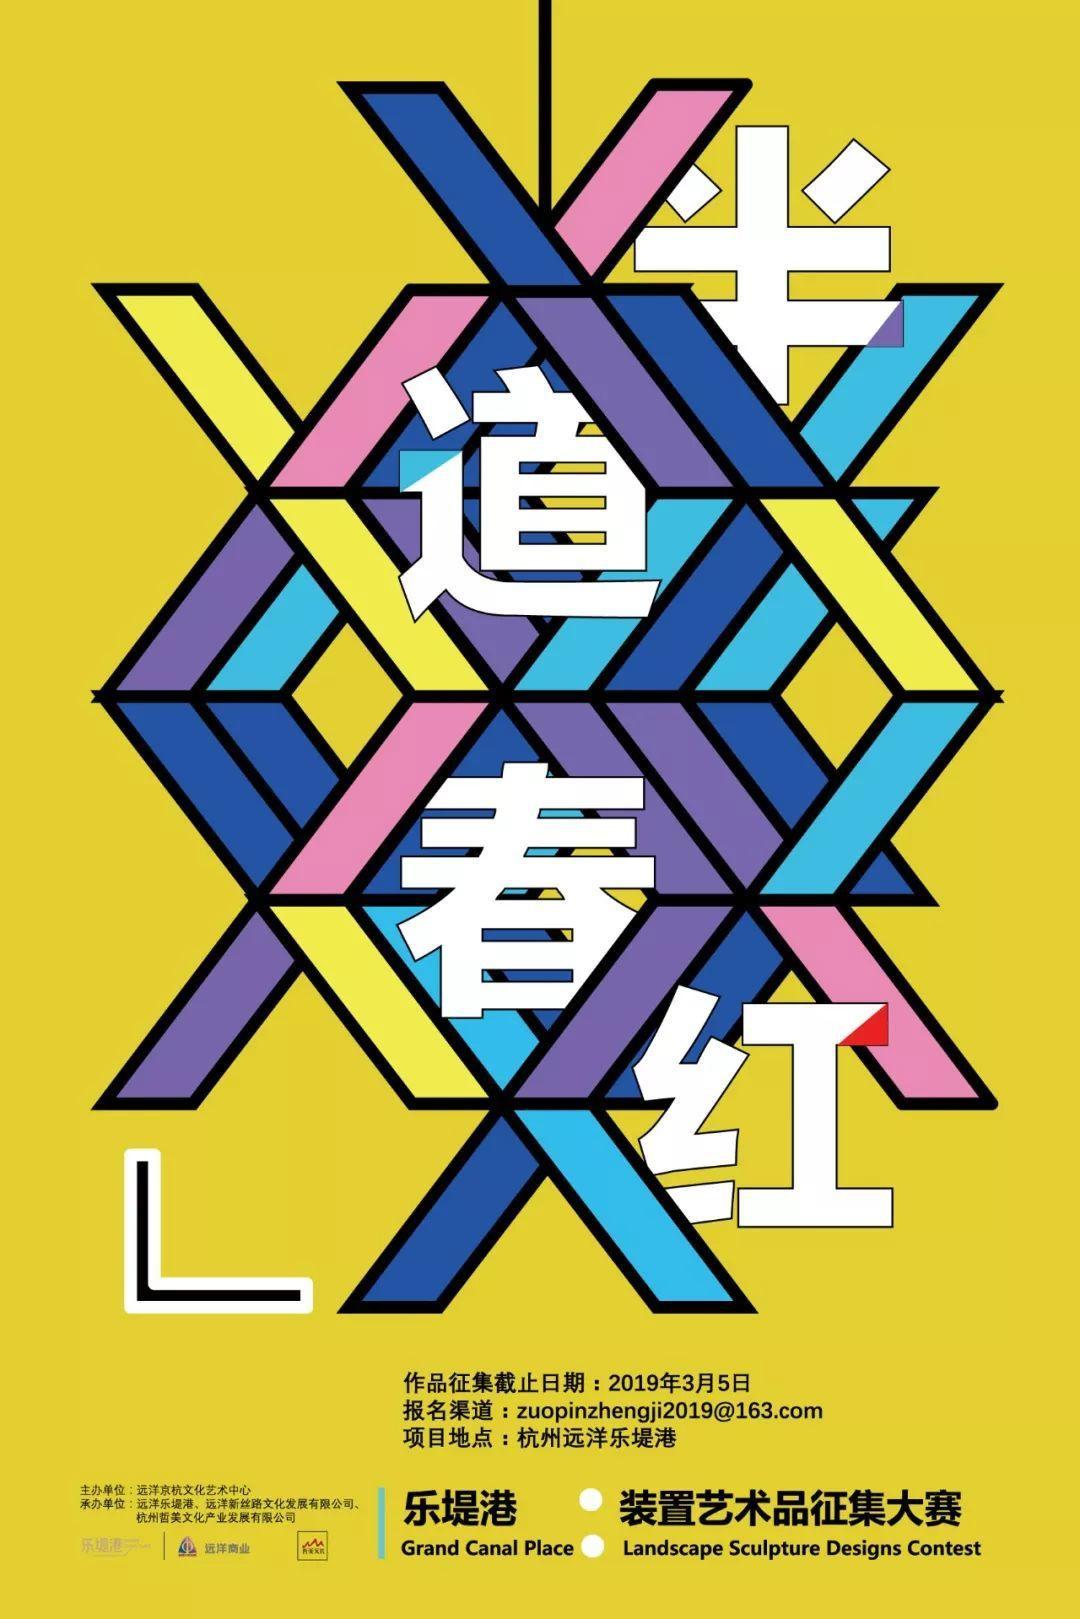 杭州樂堤港「半道春紅」裝置藝術作品徵集大賽